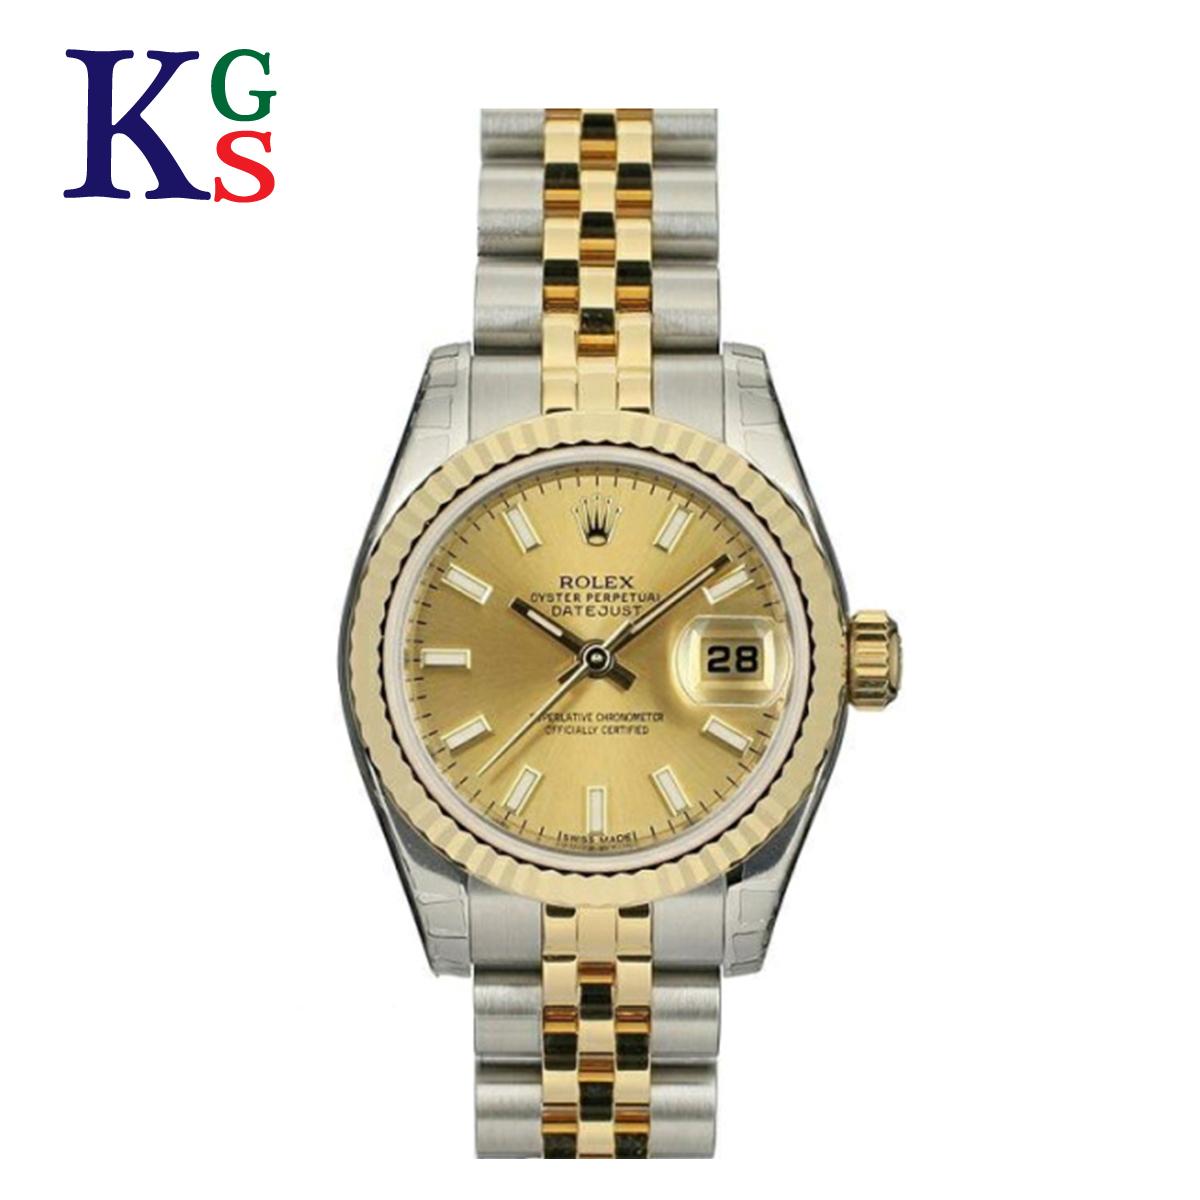 【ギフト品質】ロレックス/ROLEX レディース 腕時計 デイトジャスト K18YG×ステンレススチール イエローゴールド 自動巻き オートマチック 179173